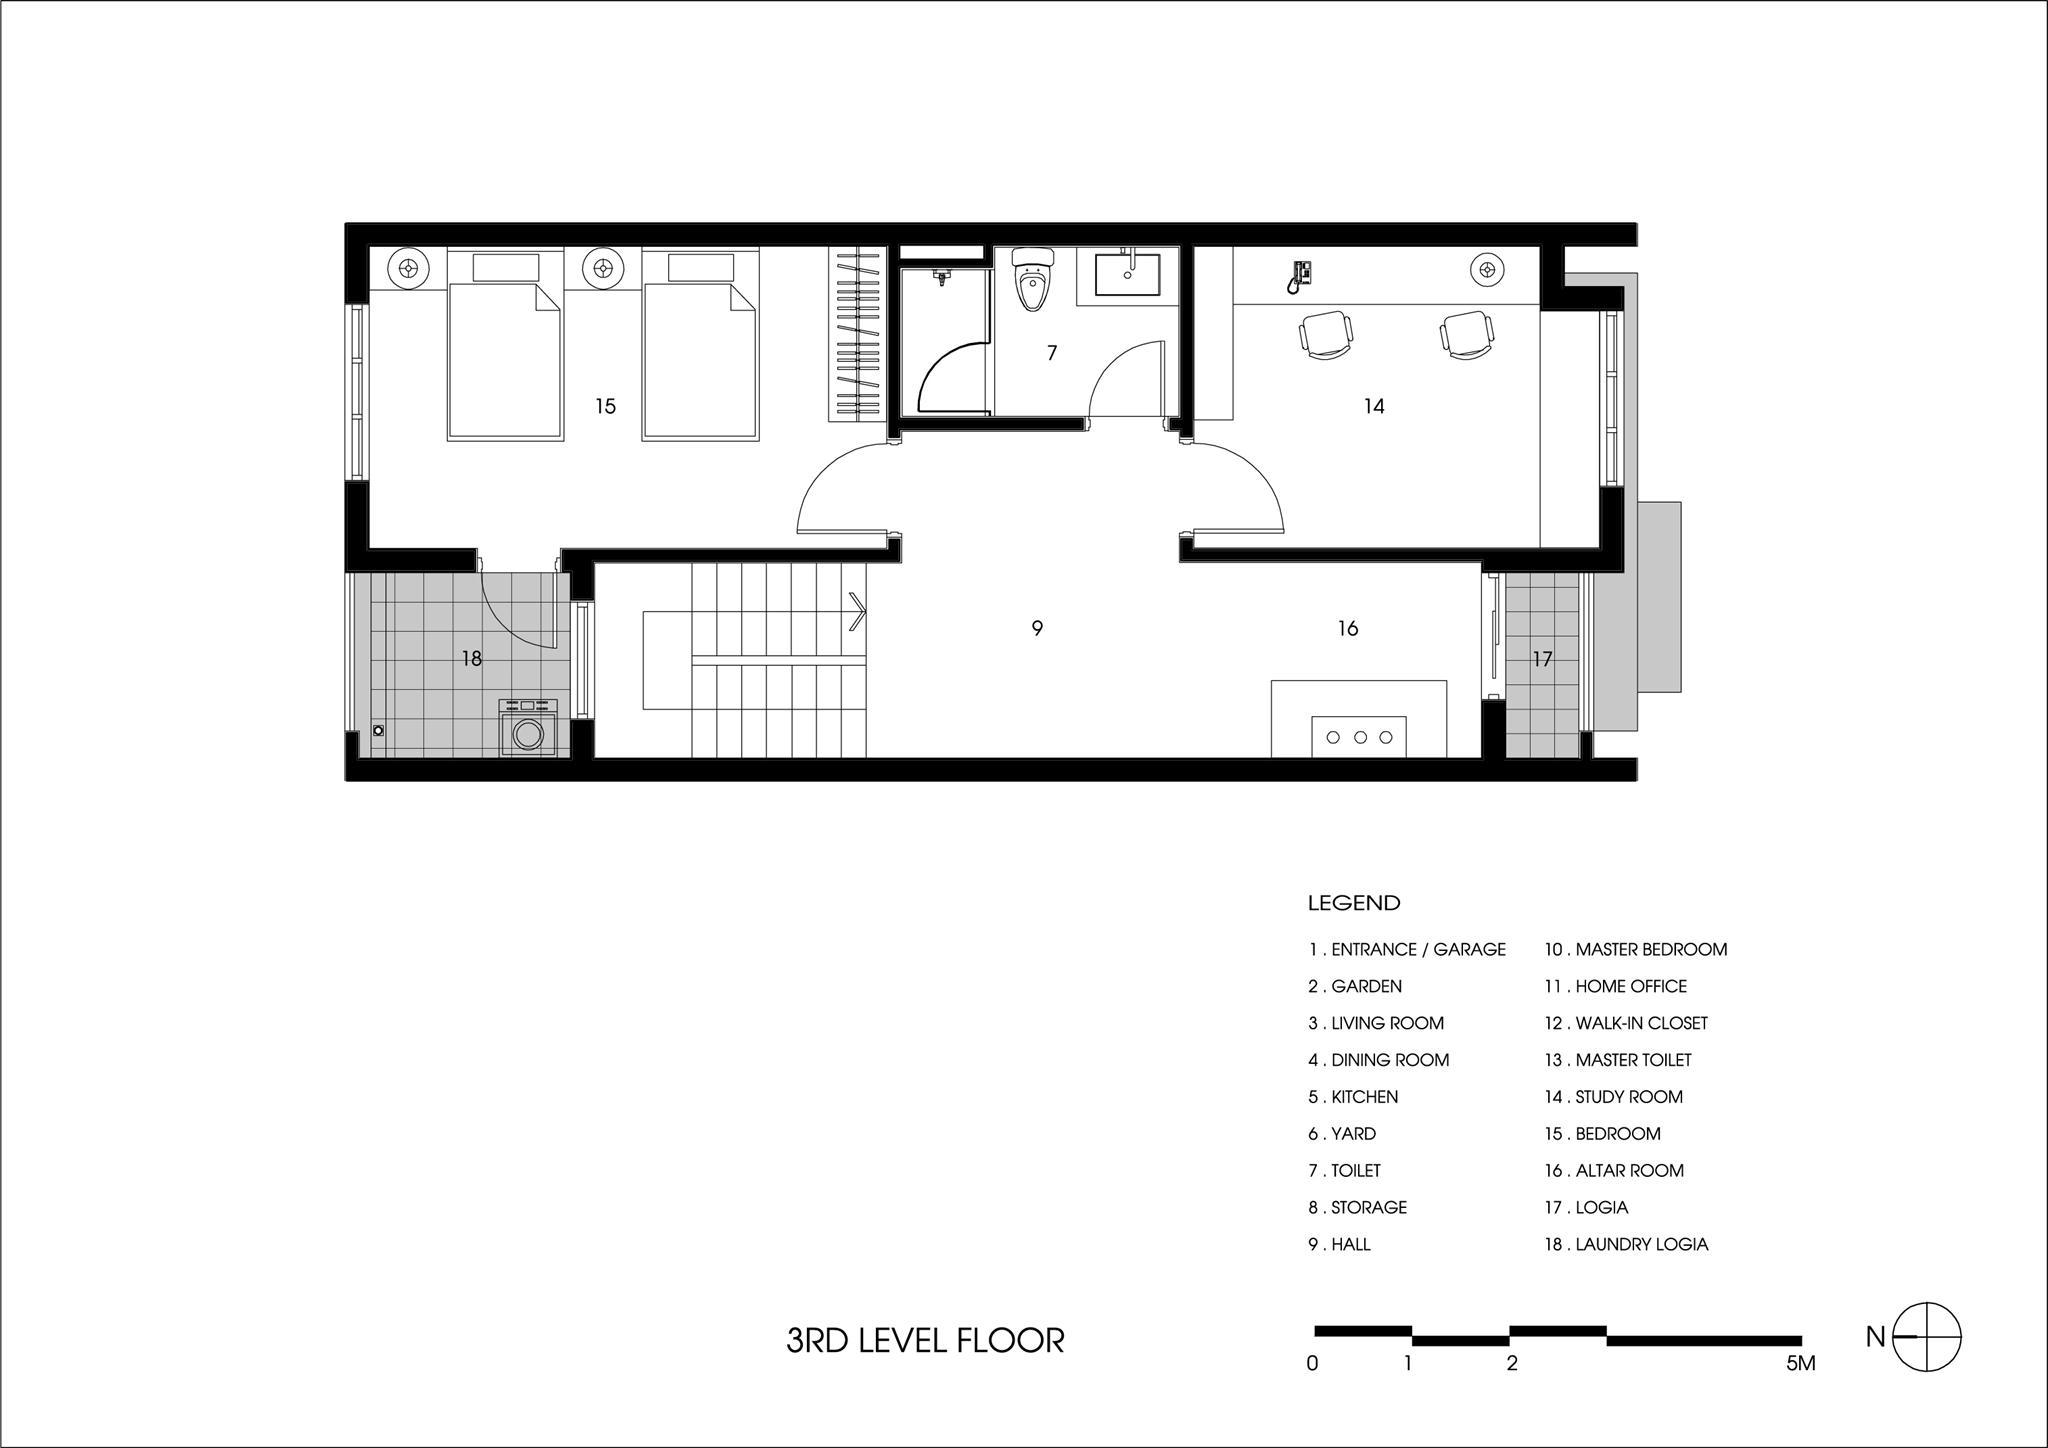 3rd floor (Copy)